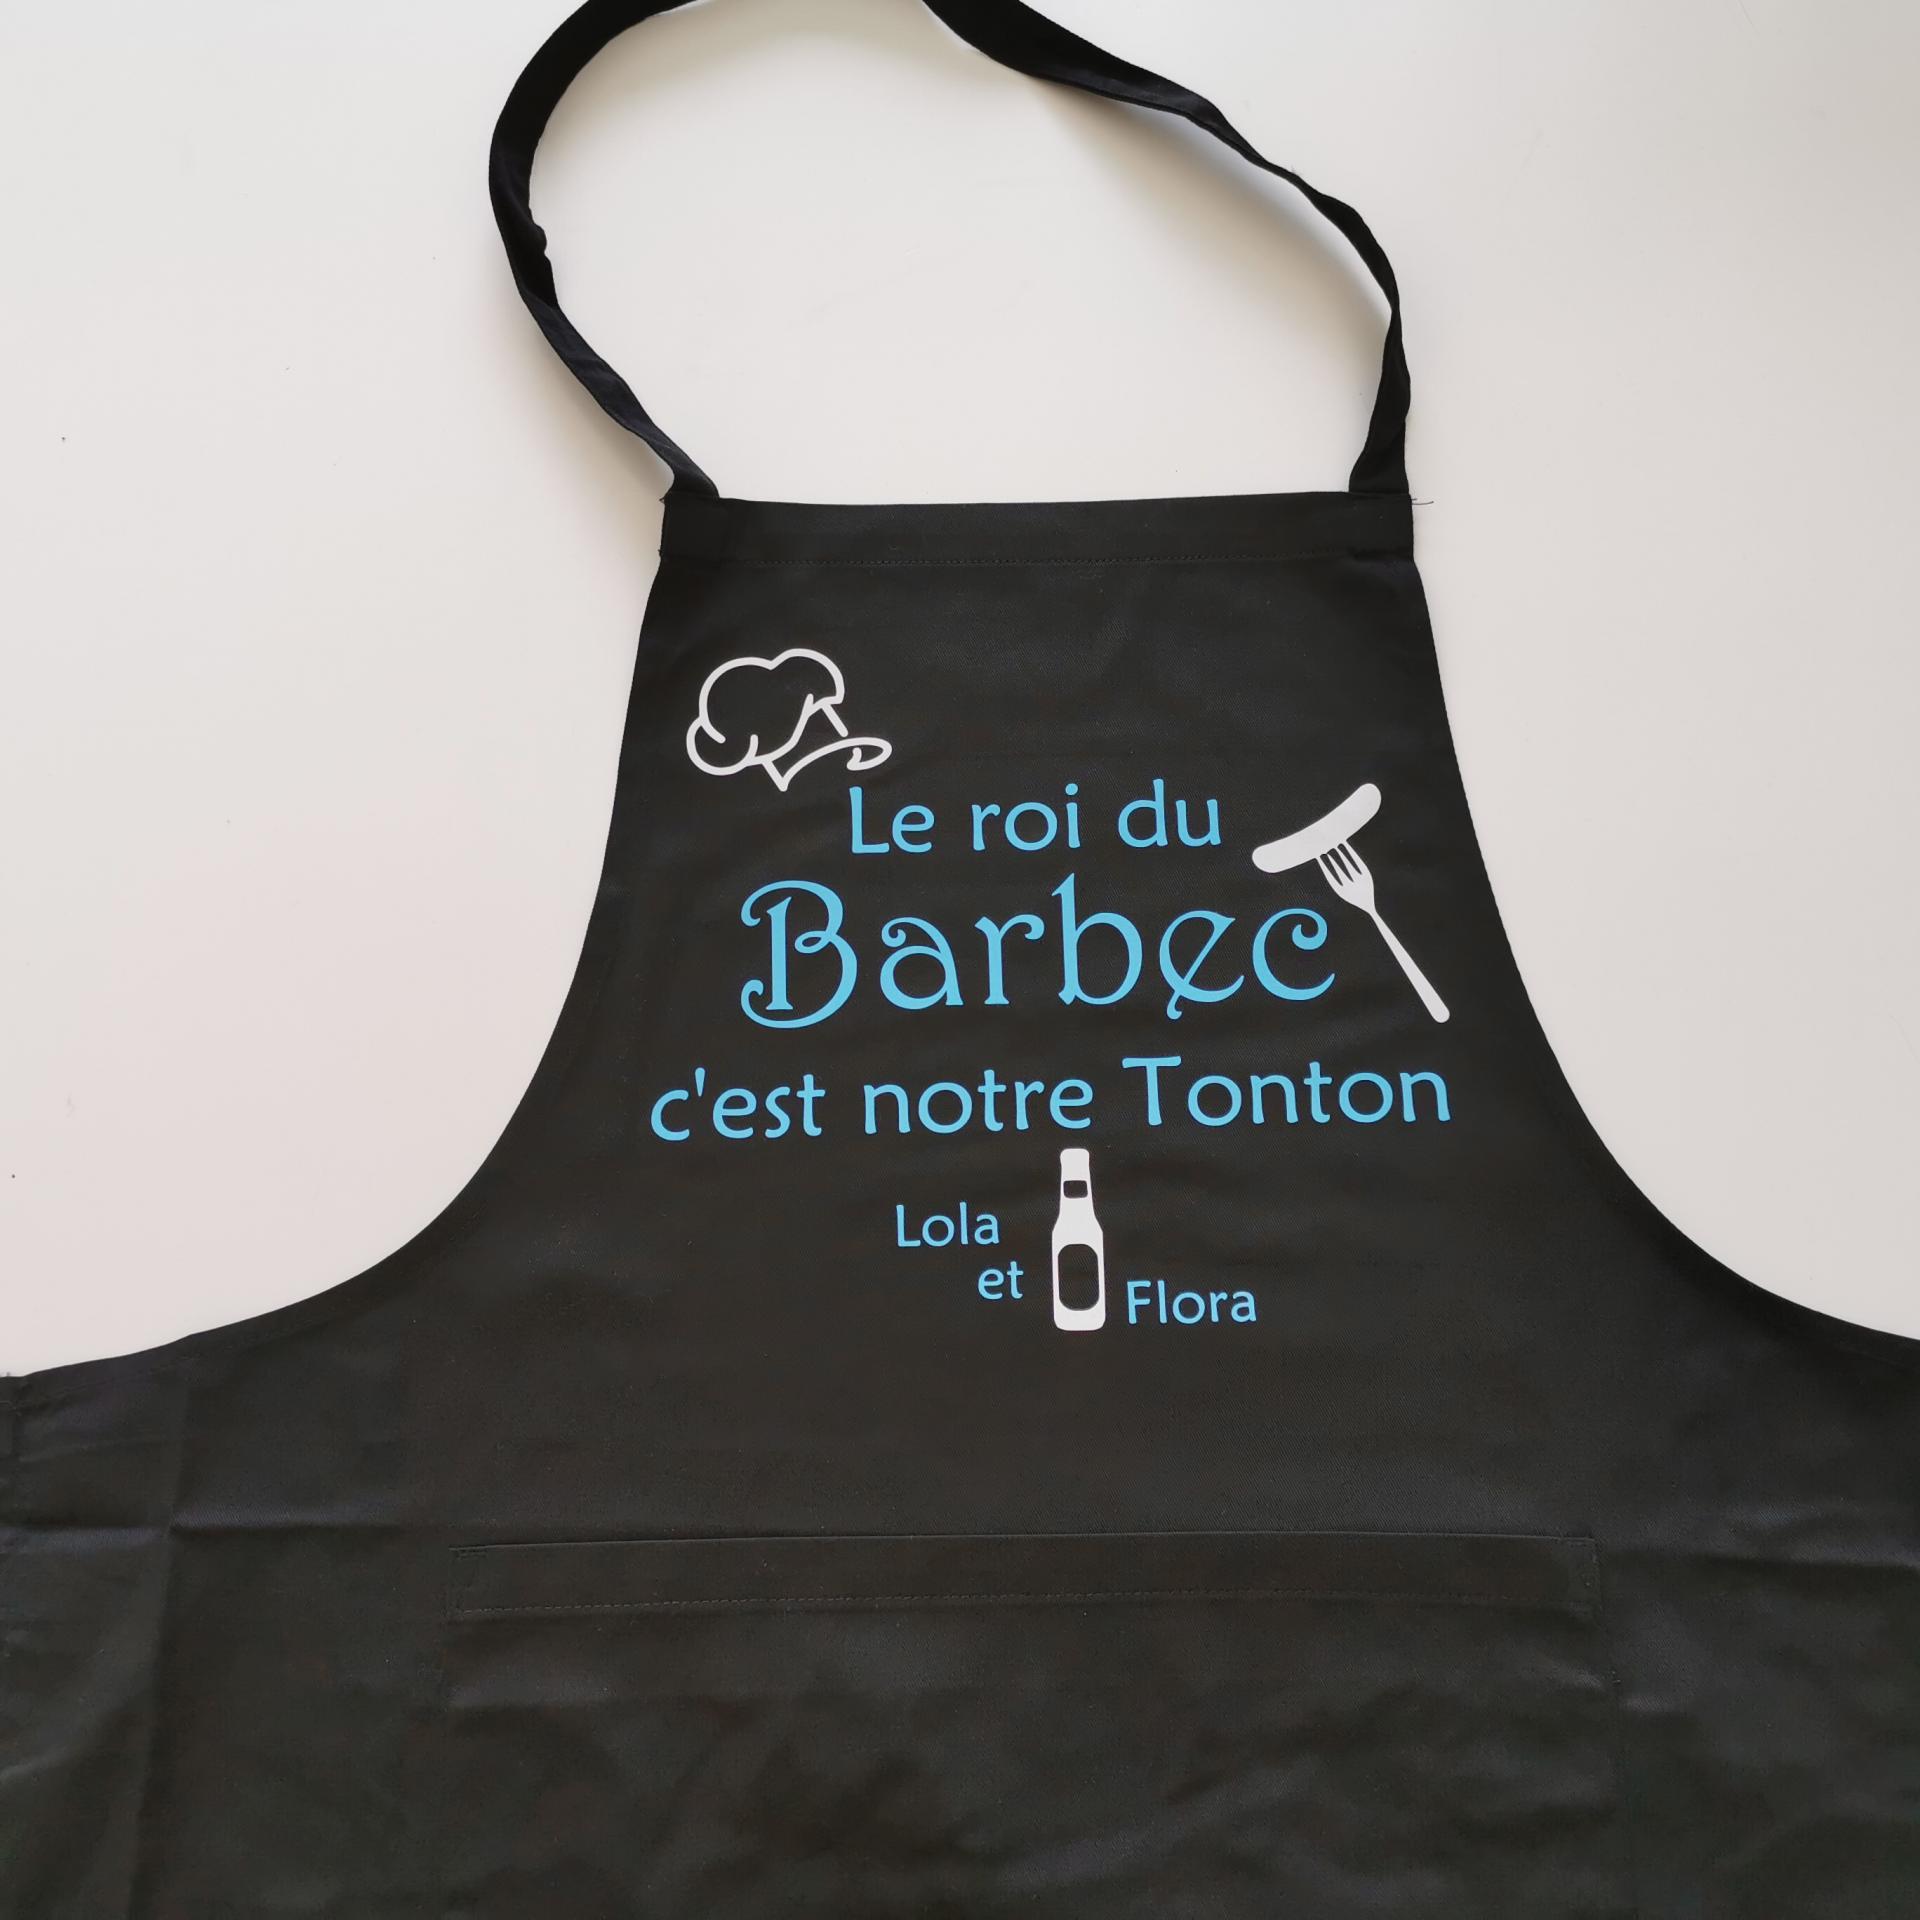 Roi barbec